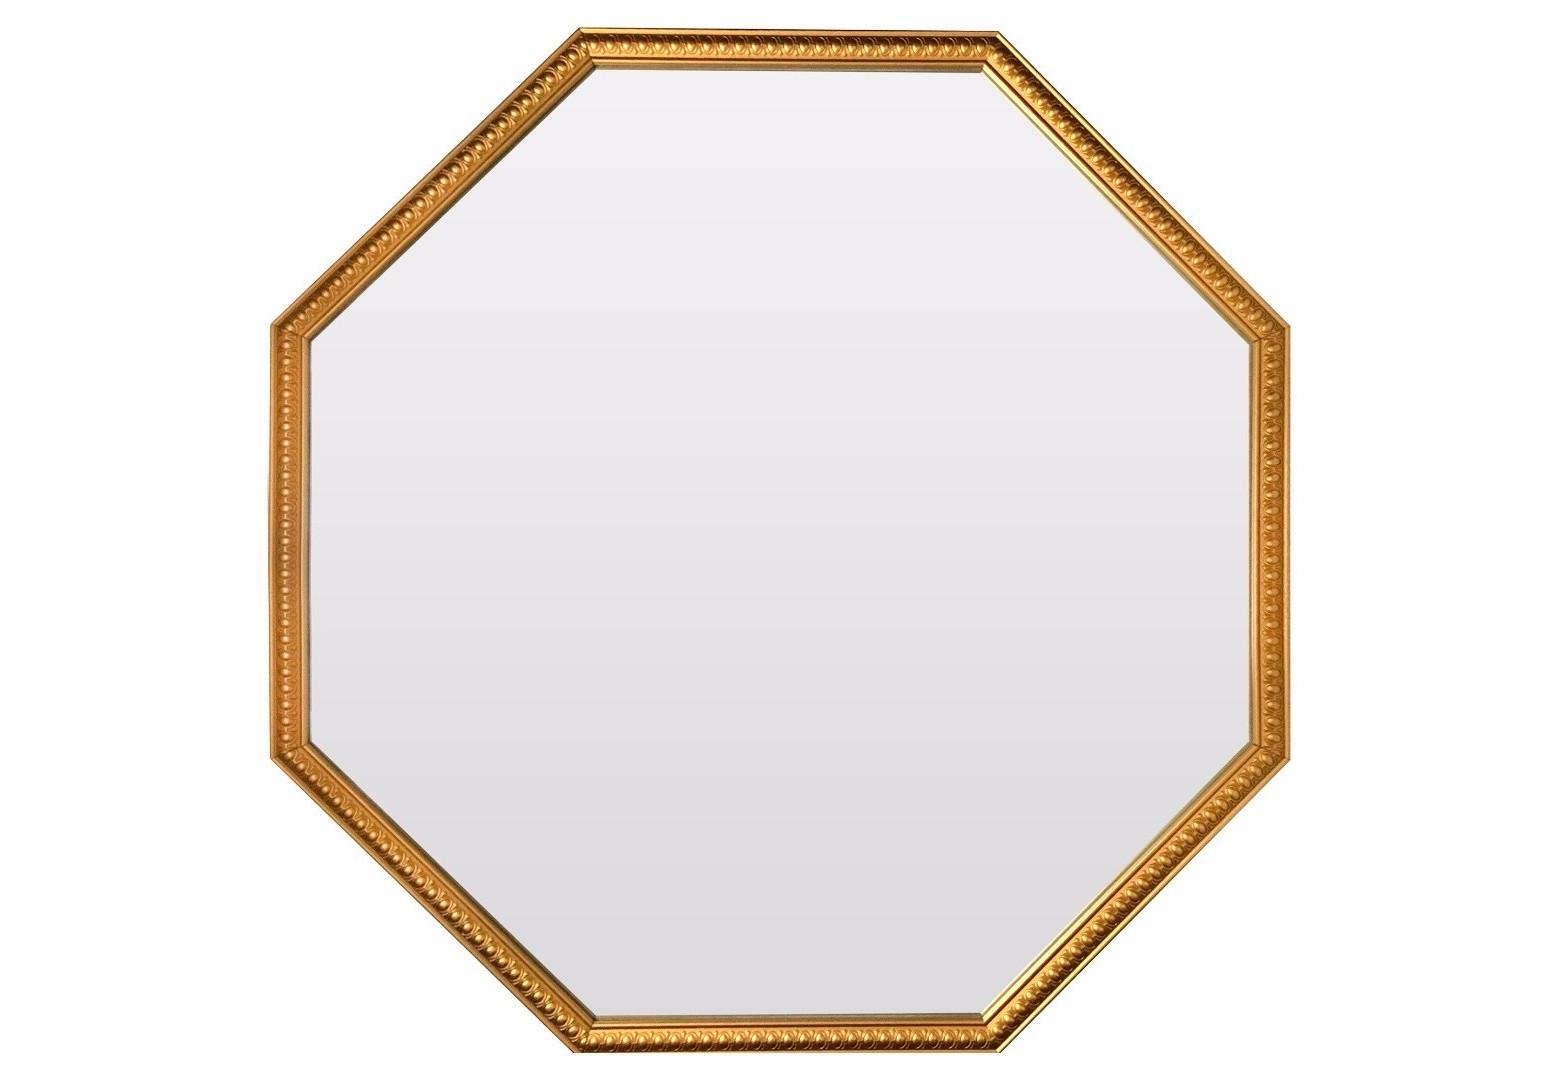 Зеркало BountyHome 15435123 от thefurnish